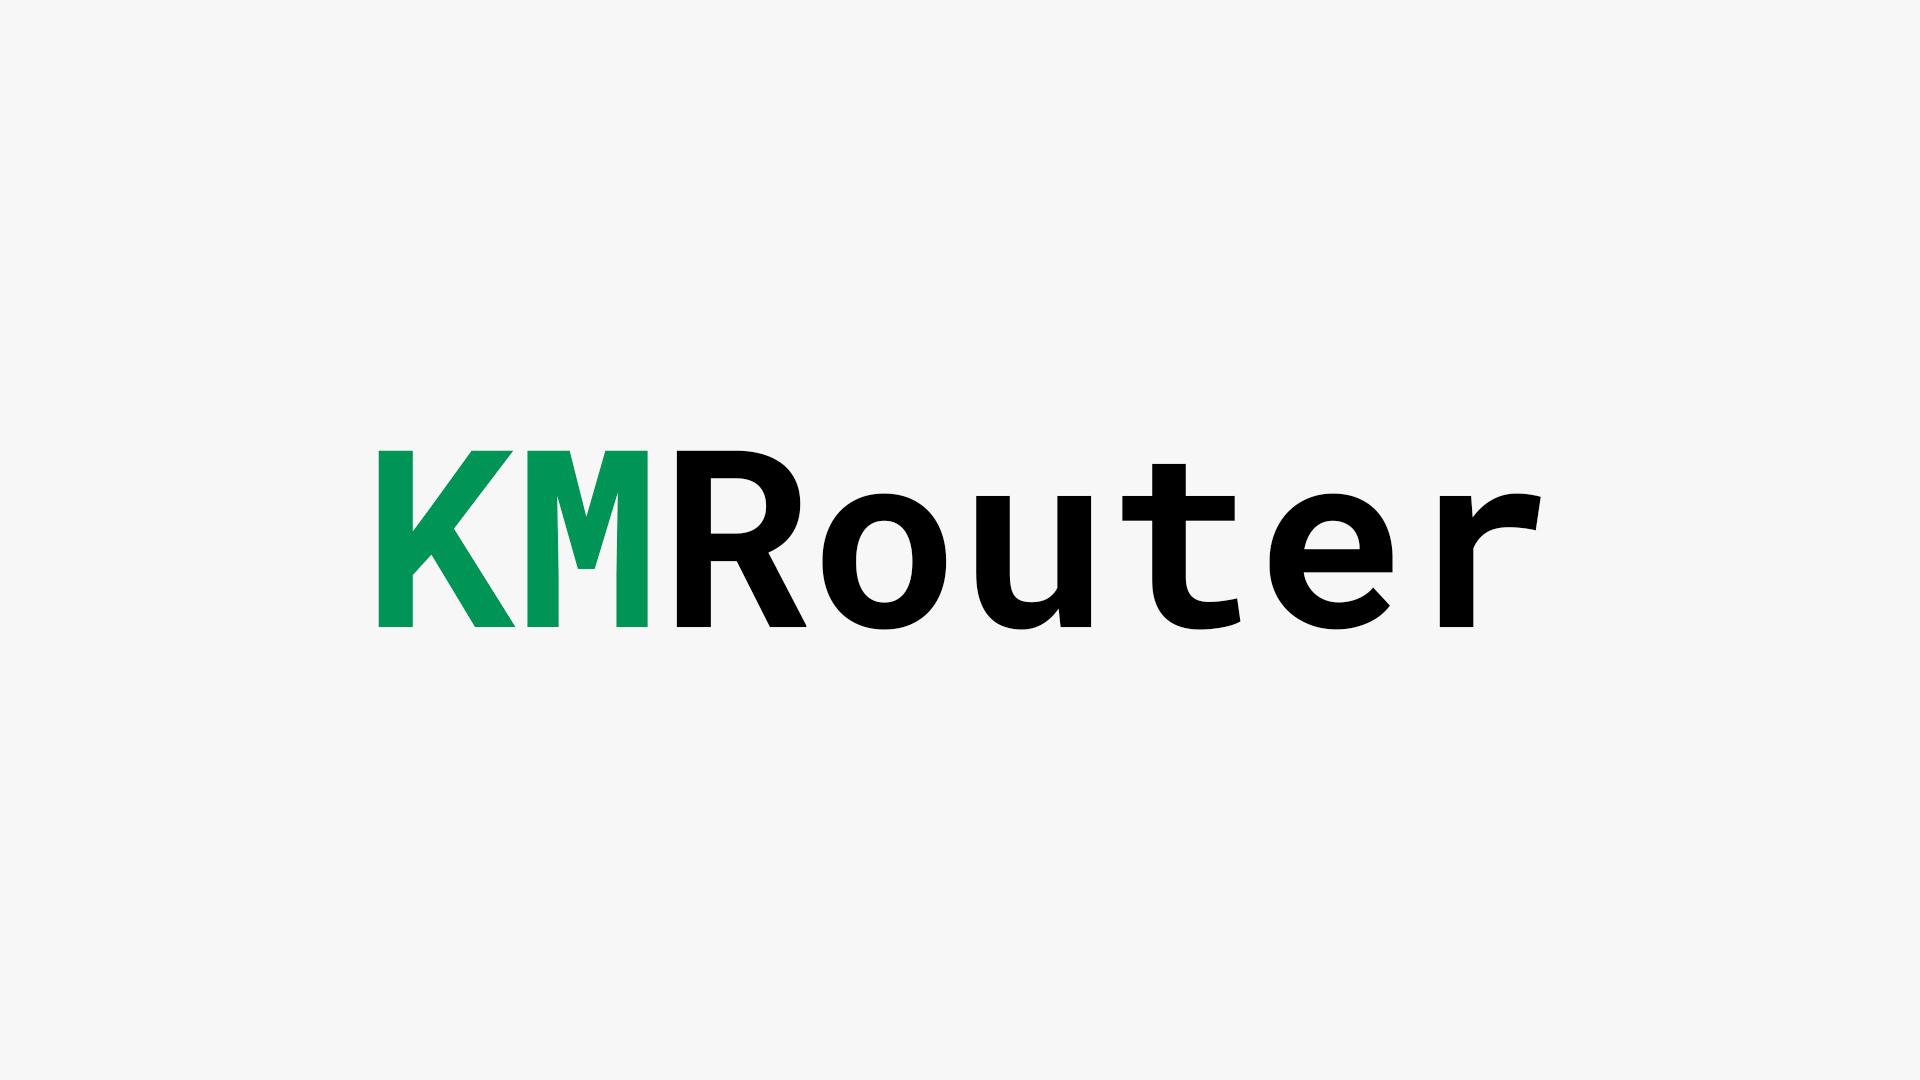 KMRouter